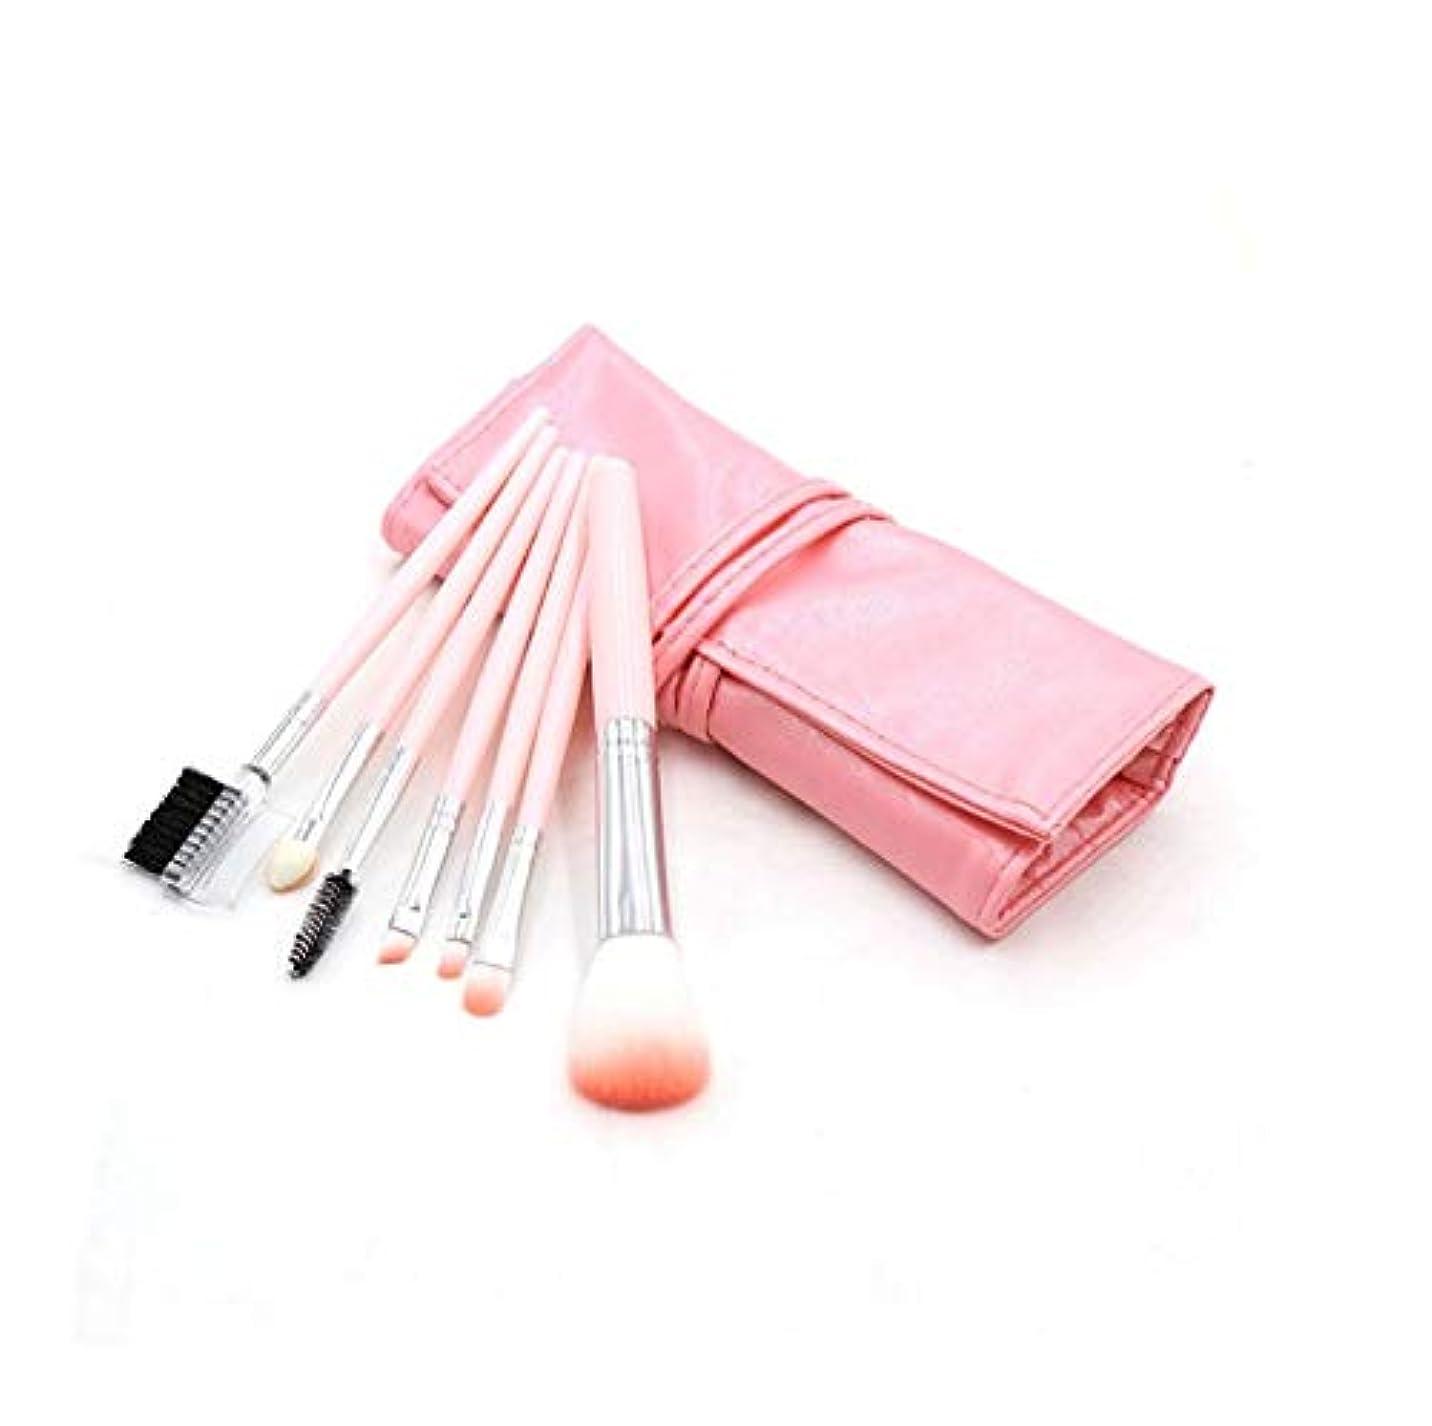 船酔いヘビ製造化粧ブラシセット、ピンク7化粧ブラシ化粧ブラシセットアイシャドウブラシリップブラシ美容化粧道具